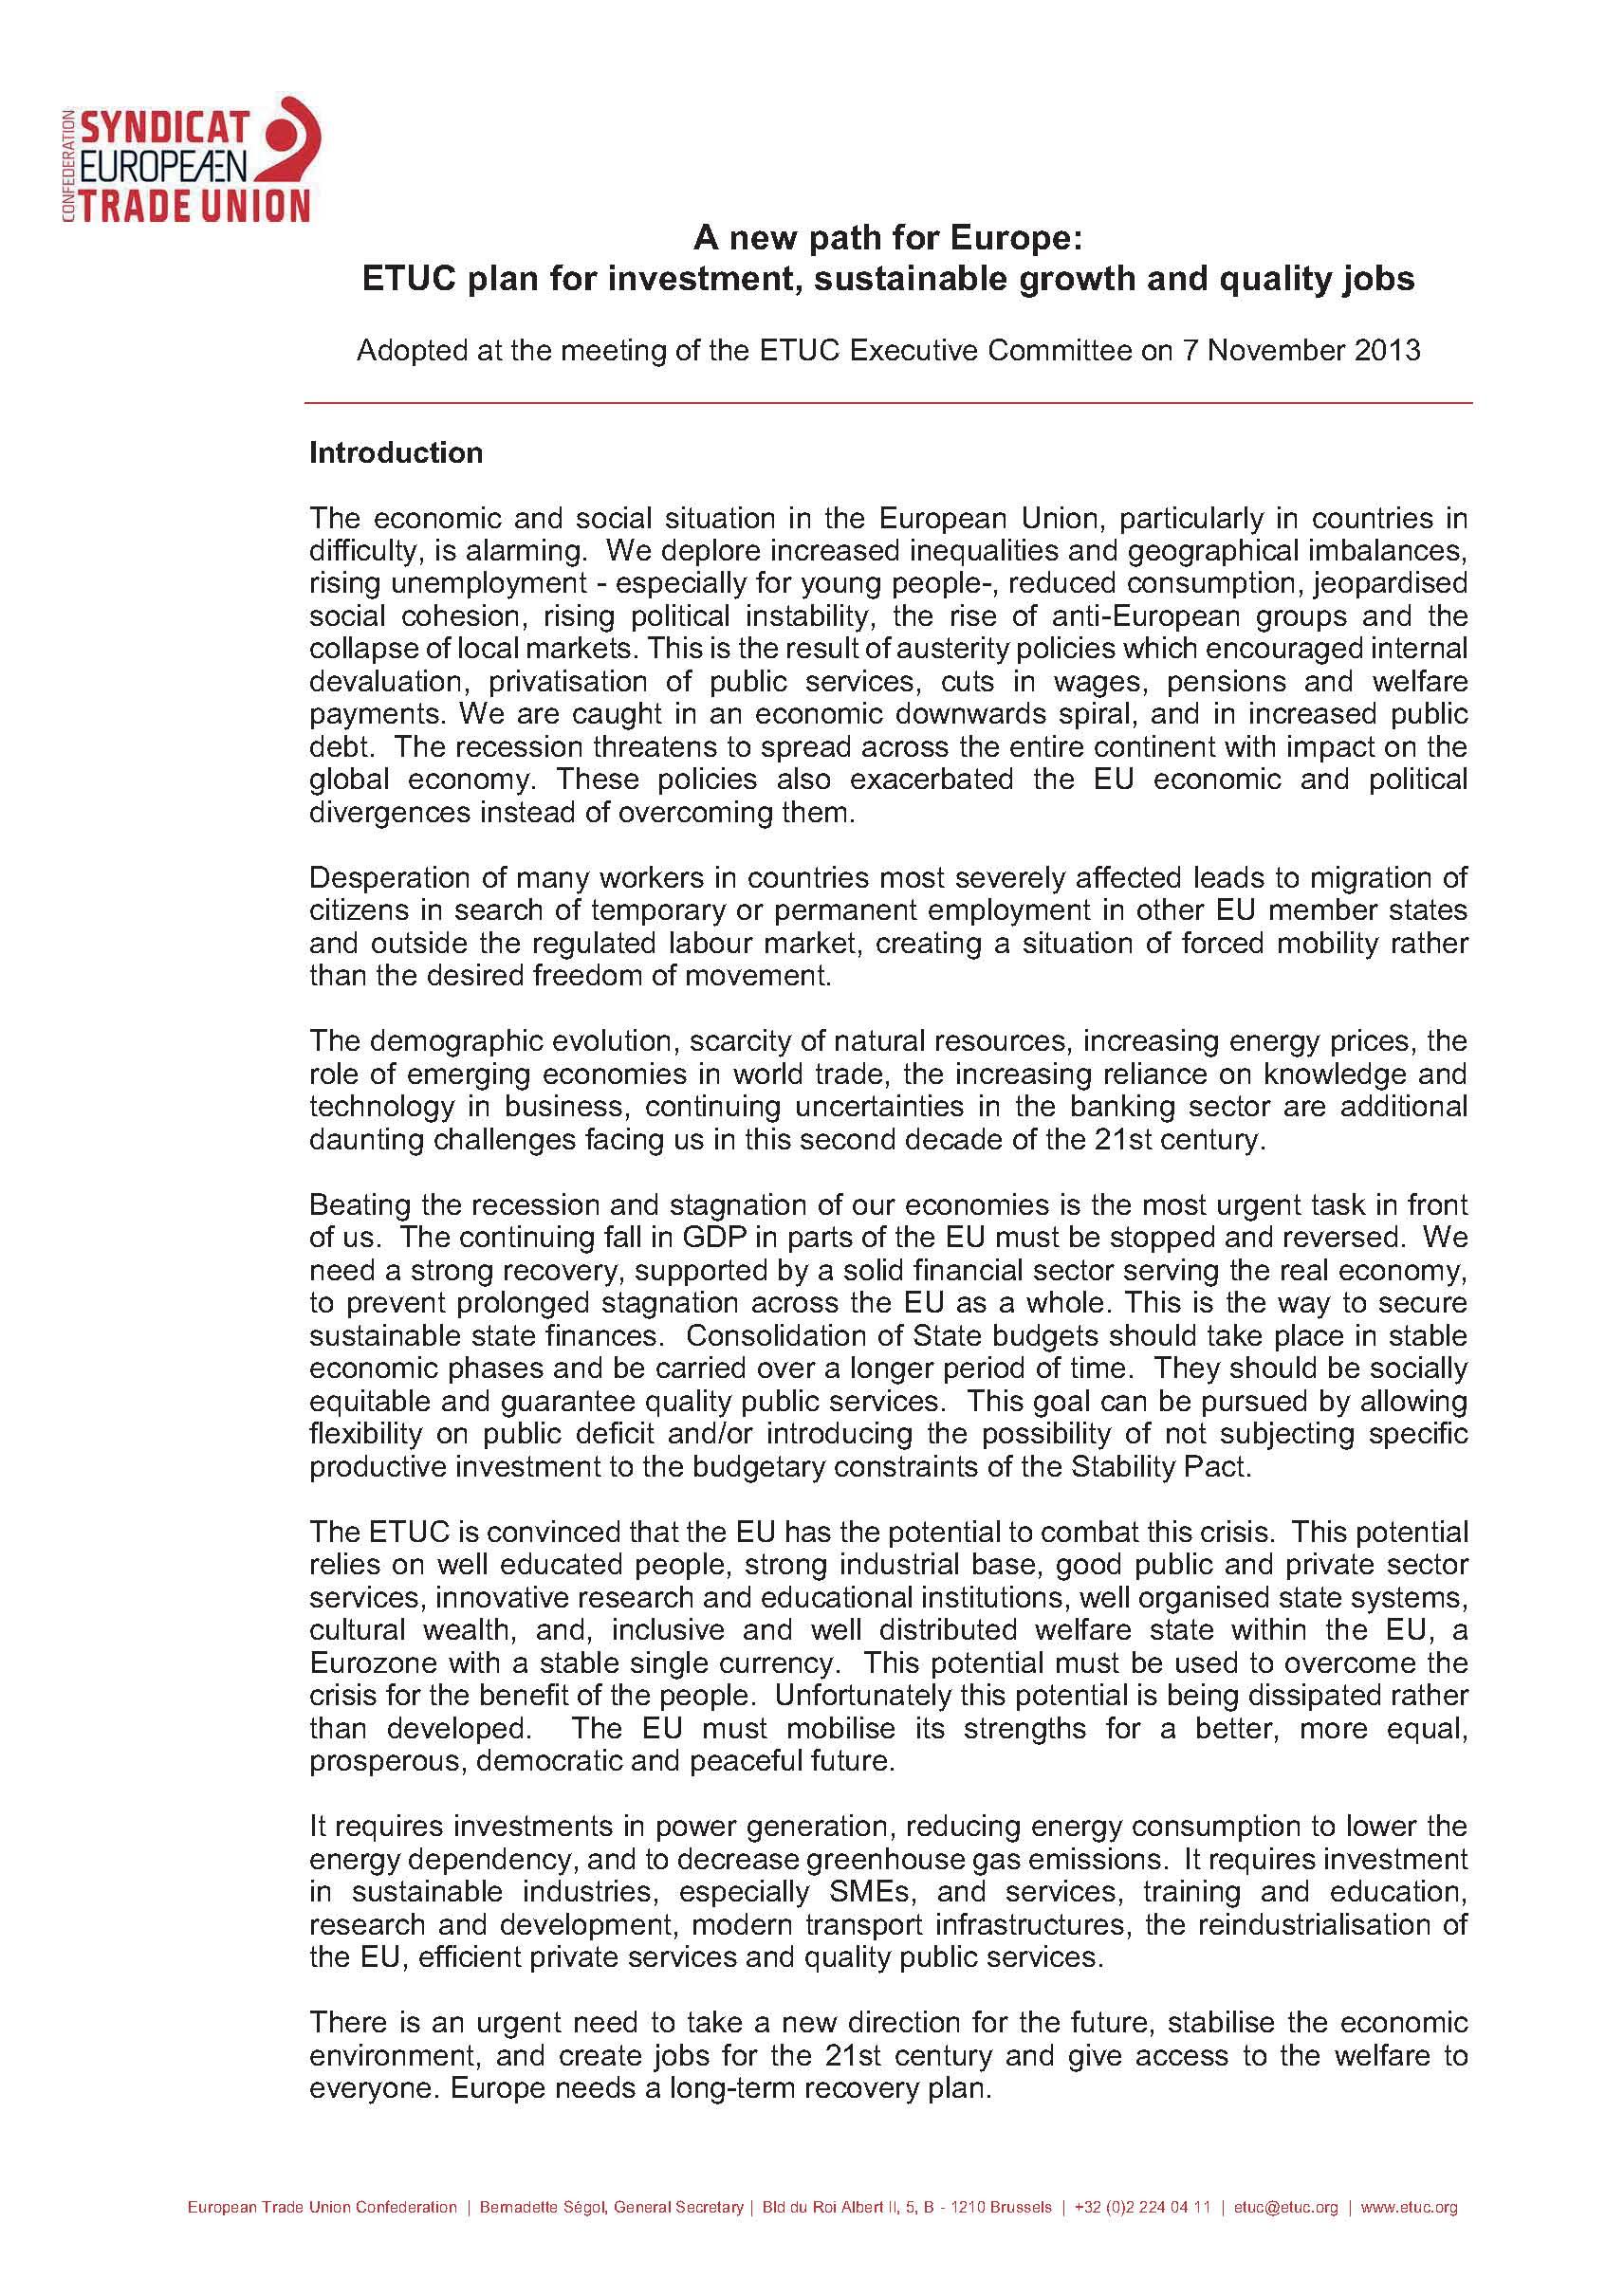 CES: Un nuevo pacto para Europa, Plan de Inversiones, Desarrollo Sostenible y Empleos de Calidad